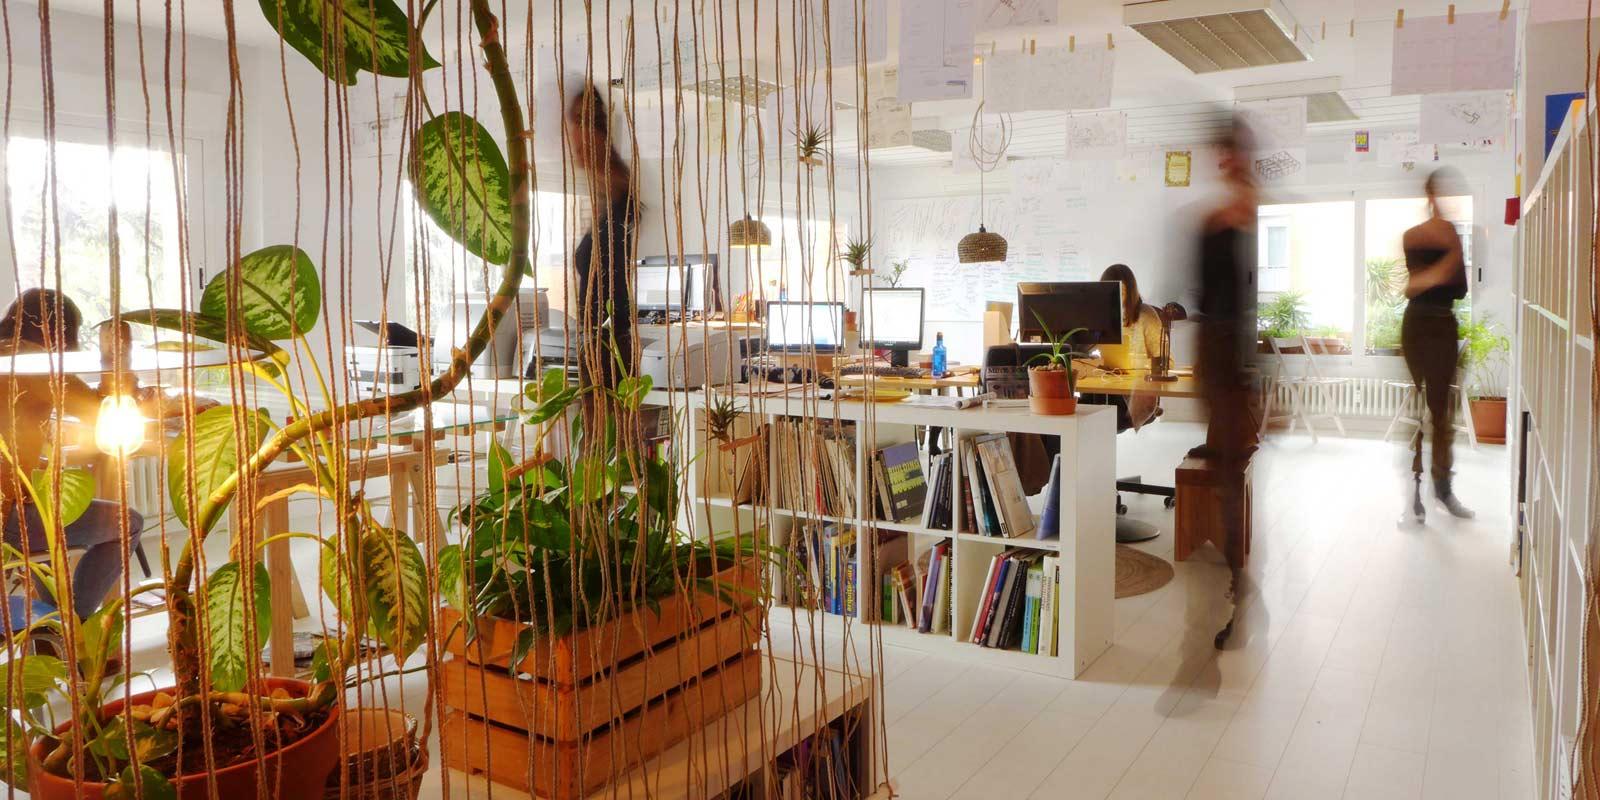 Arquitectura invisible arquitectura ecologica - Arquitectura invisible ...